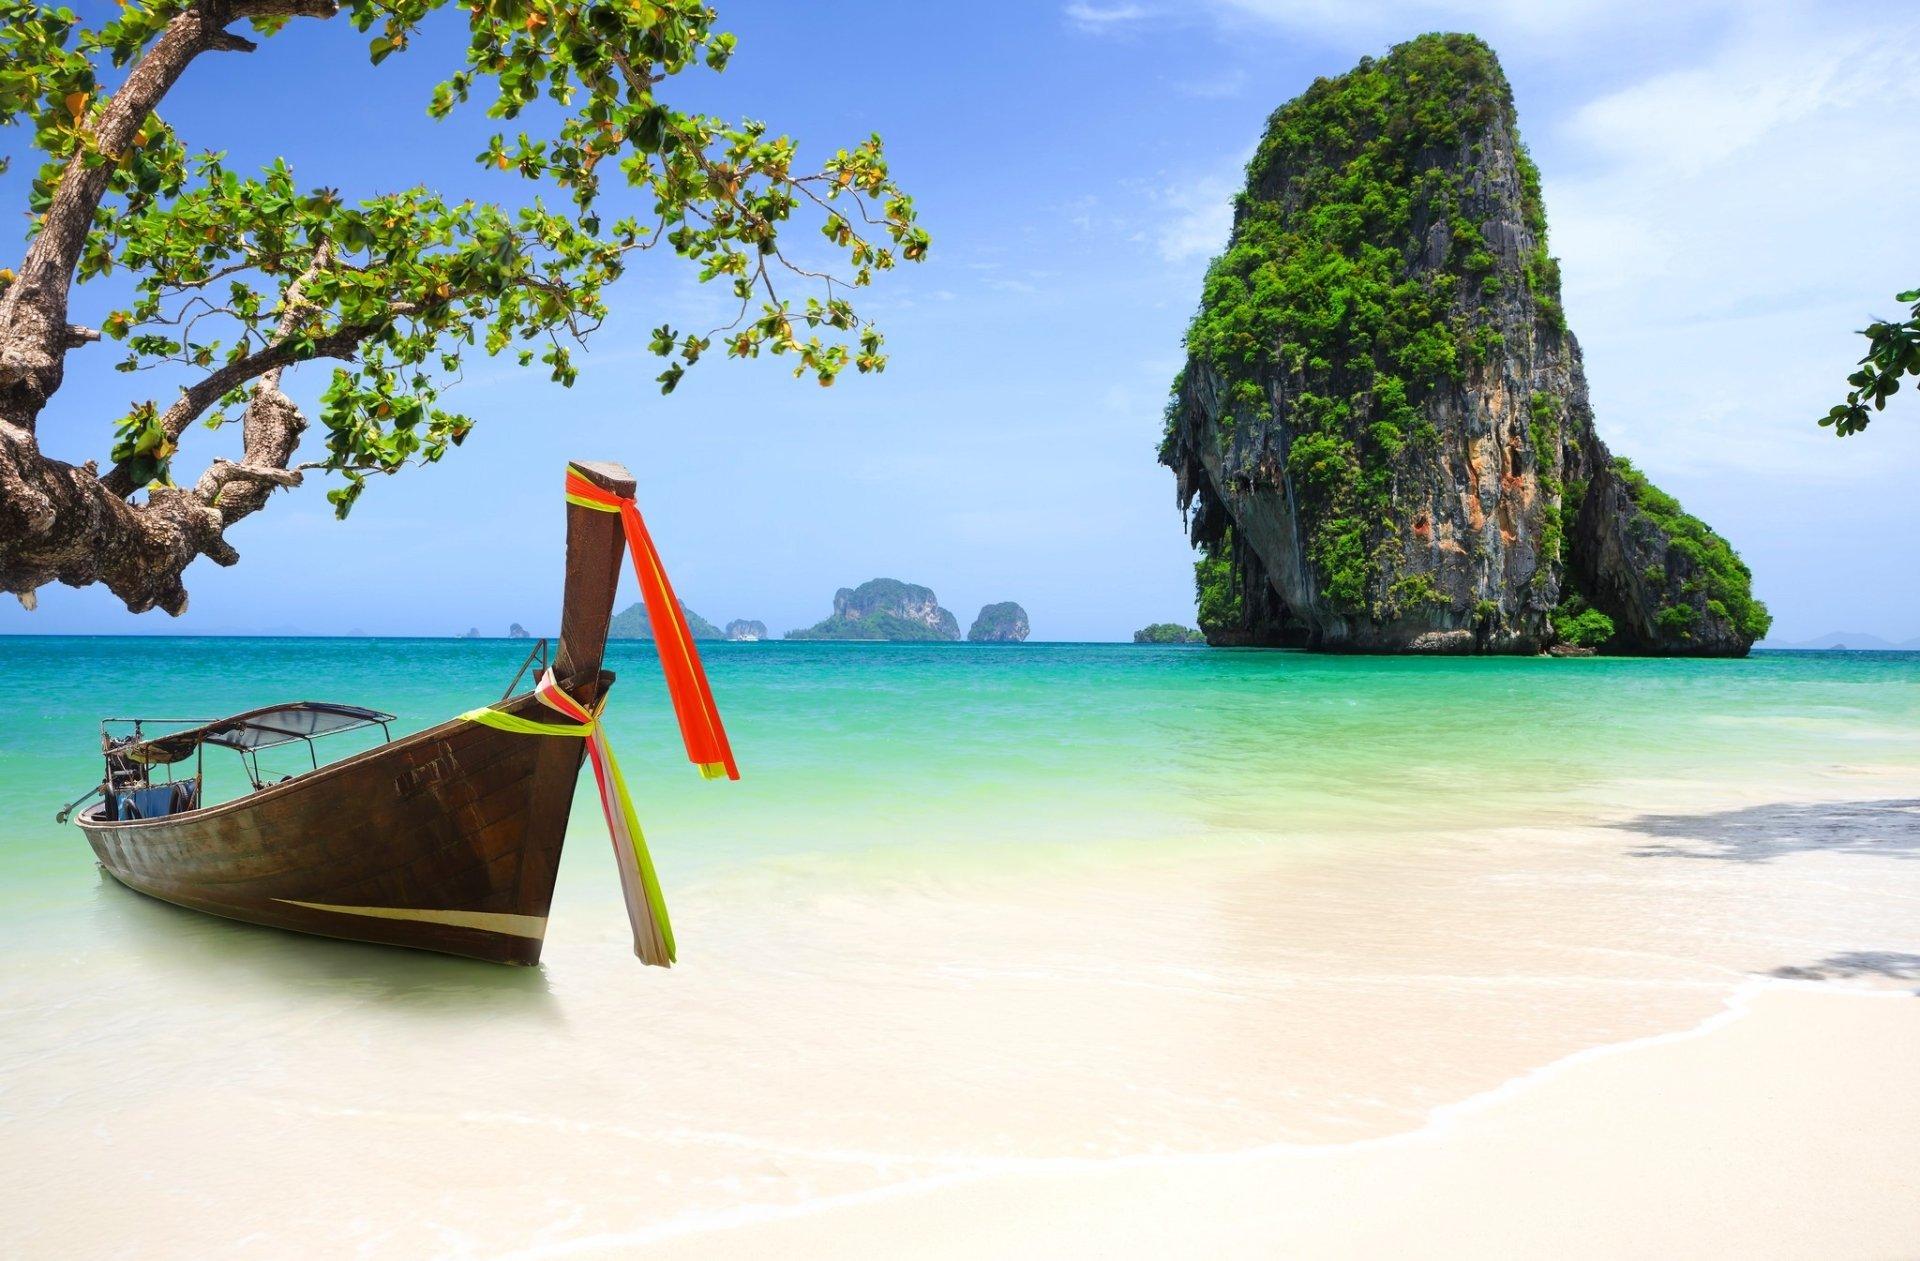 Tổ Chức Lặn Biển Phuket Thái Lan Được Công Ty Du Lịch Mỹ Úc Á Tài Trợ